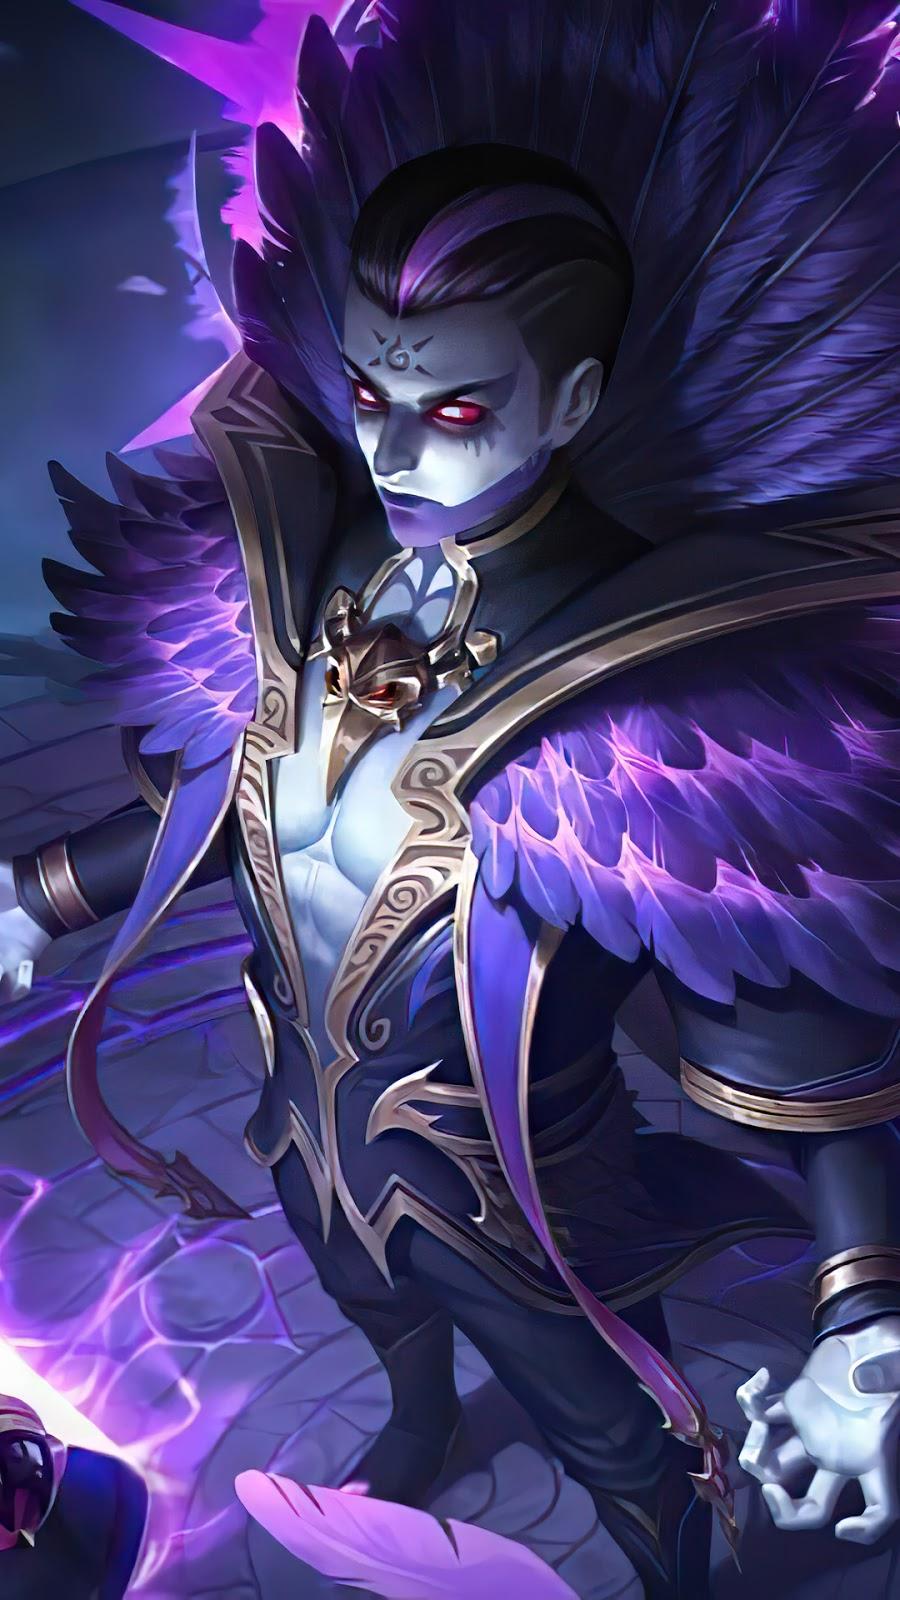 Wallpaper Estes Crow Bishop Skin Mobile Legends HD for Mobile